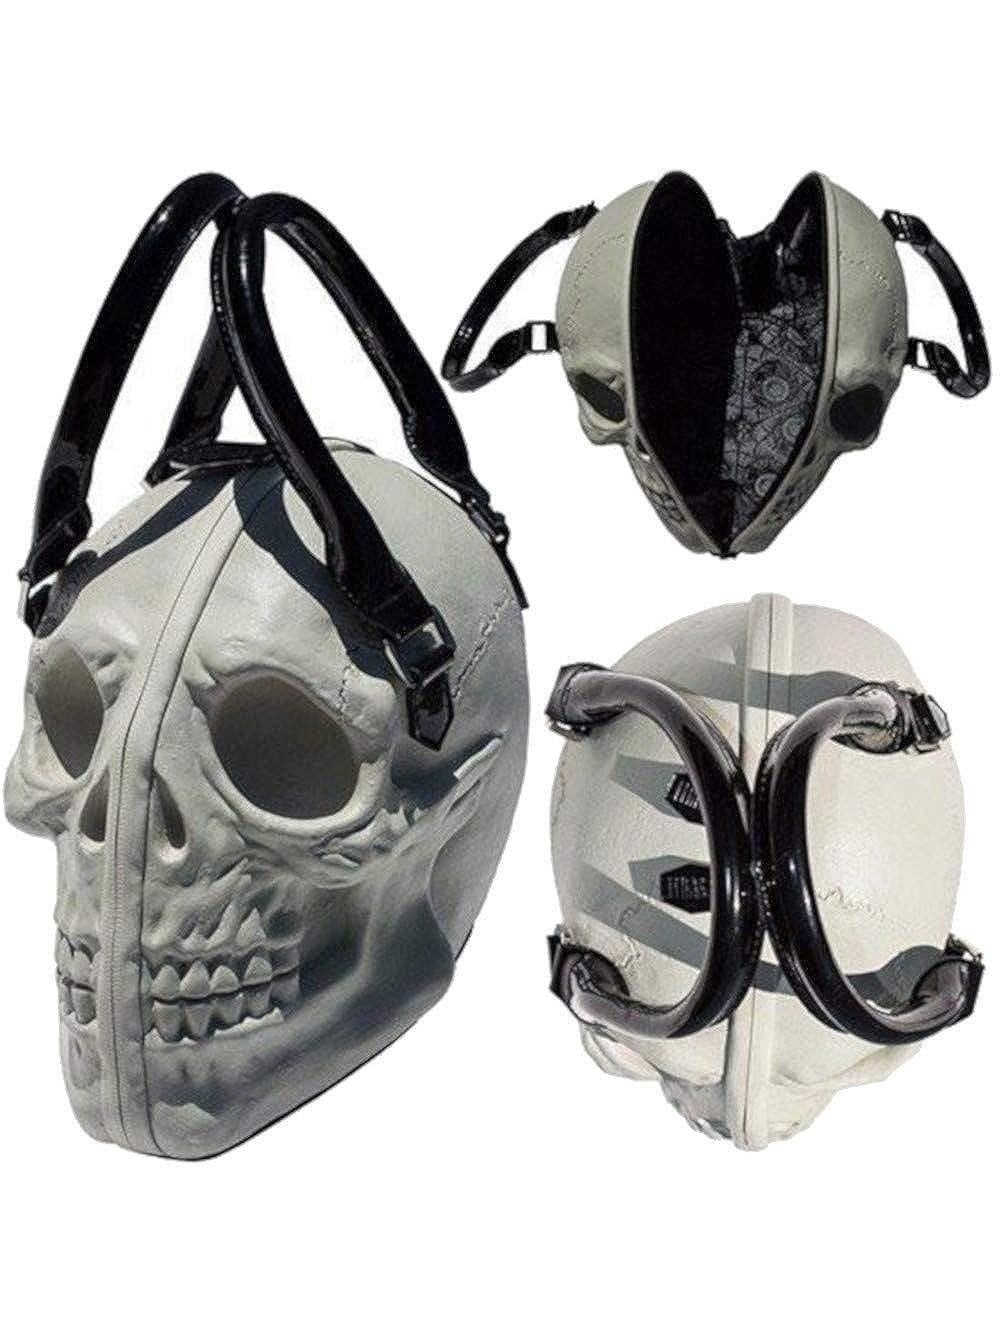 Amazon.com: De la Mujer Kreepsville Cráneo Collection Bolso ...